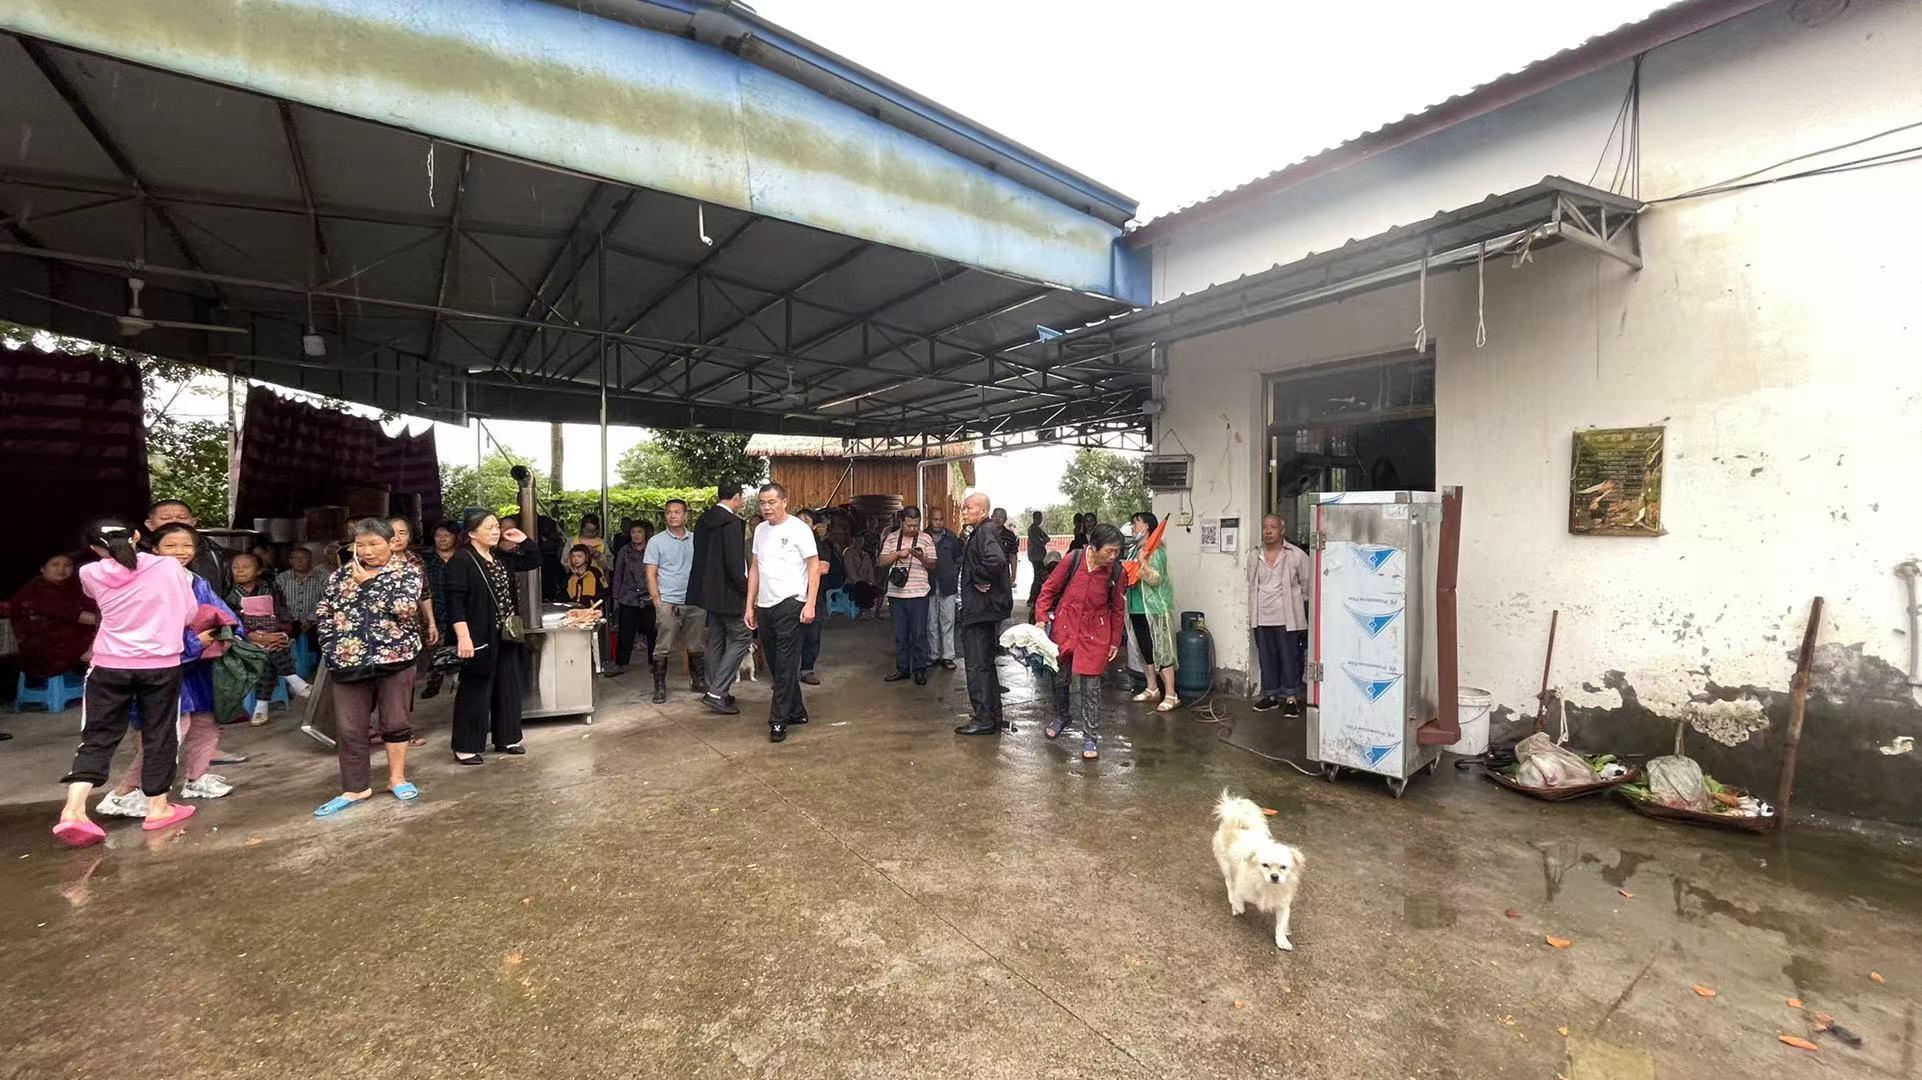 團山堡村不少村民到附近一處農家樂避難。澎湃新聞記者 何利權 攝